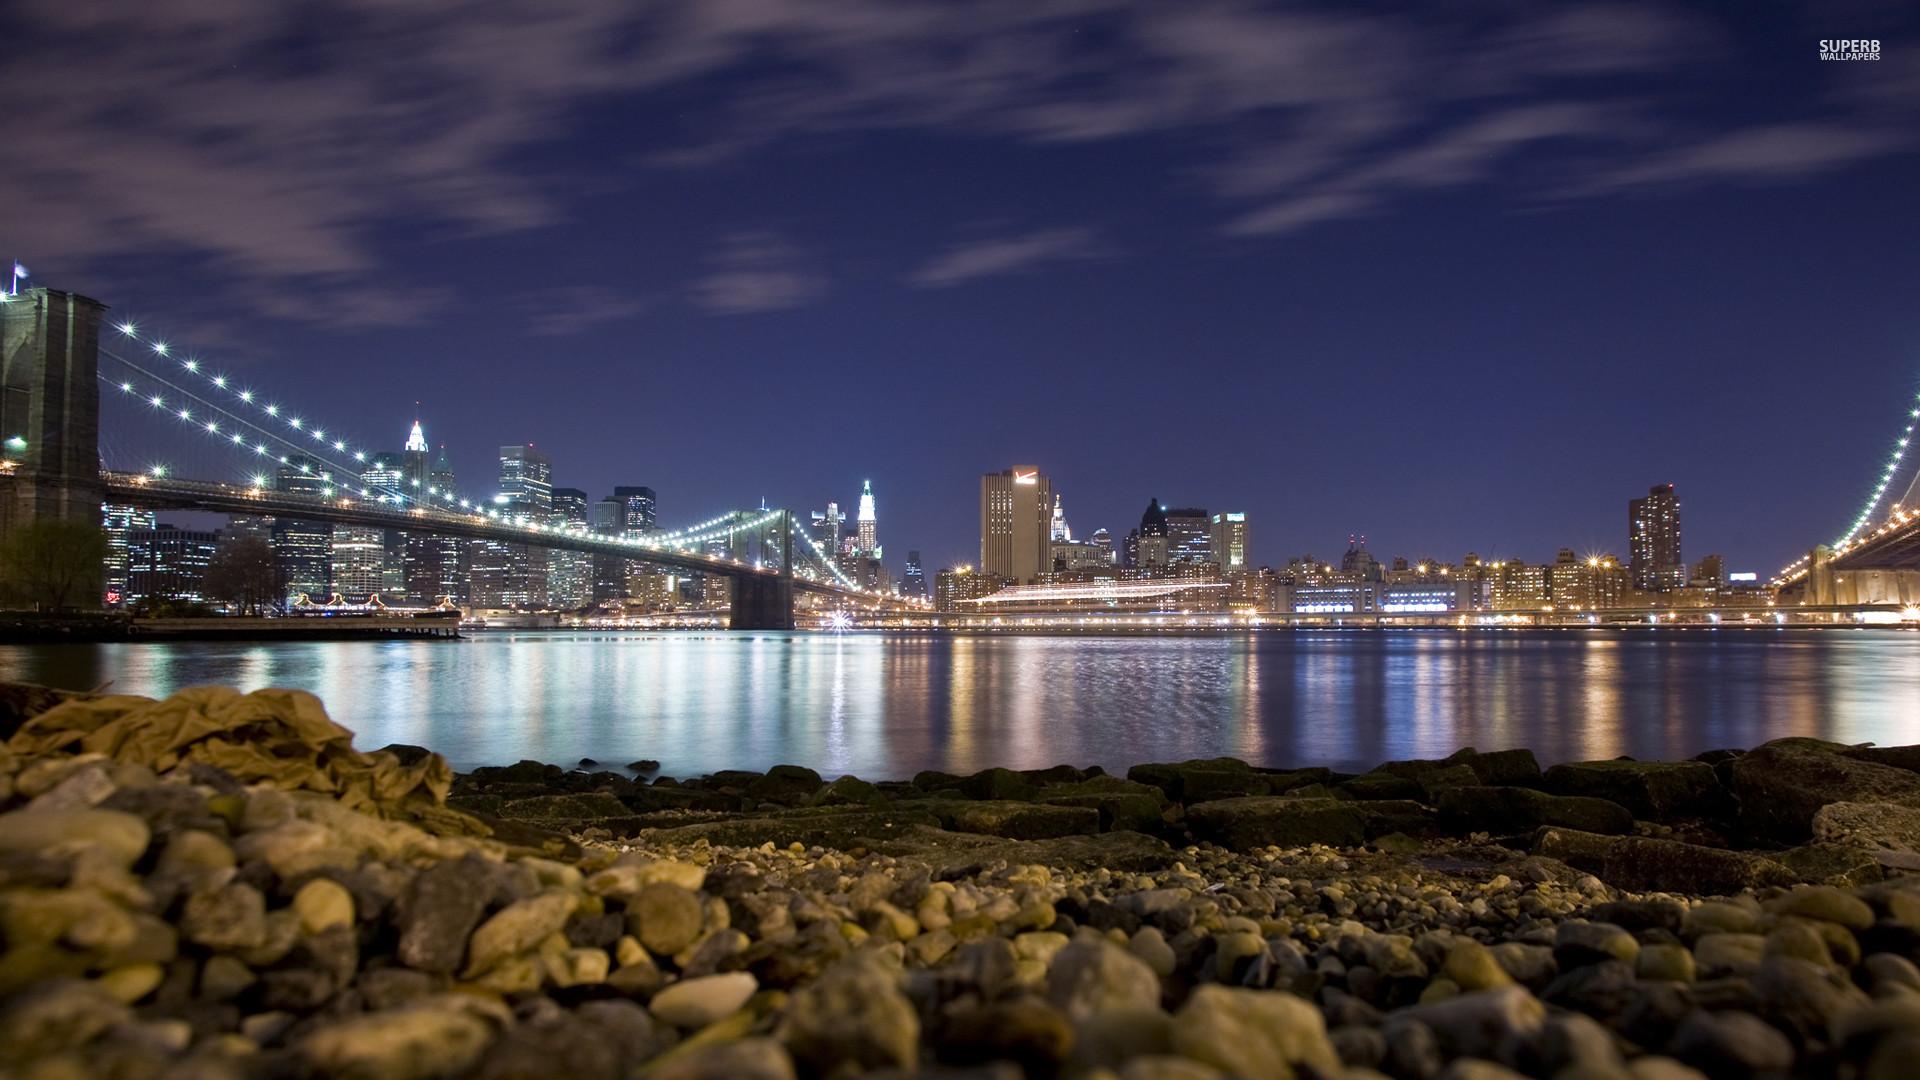 brooklyn bridge at night HD Wallpaper – New York City Wallpaper New York  Wallpaper USA Wallpaper